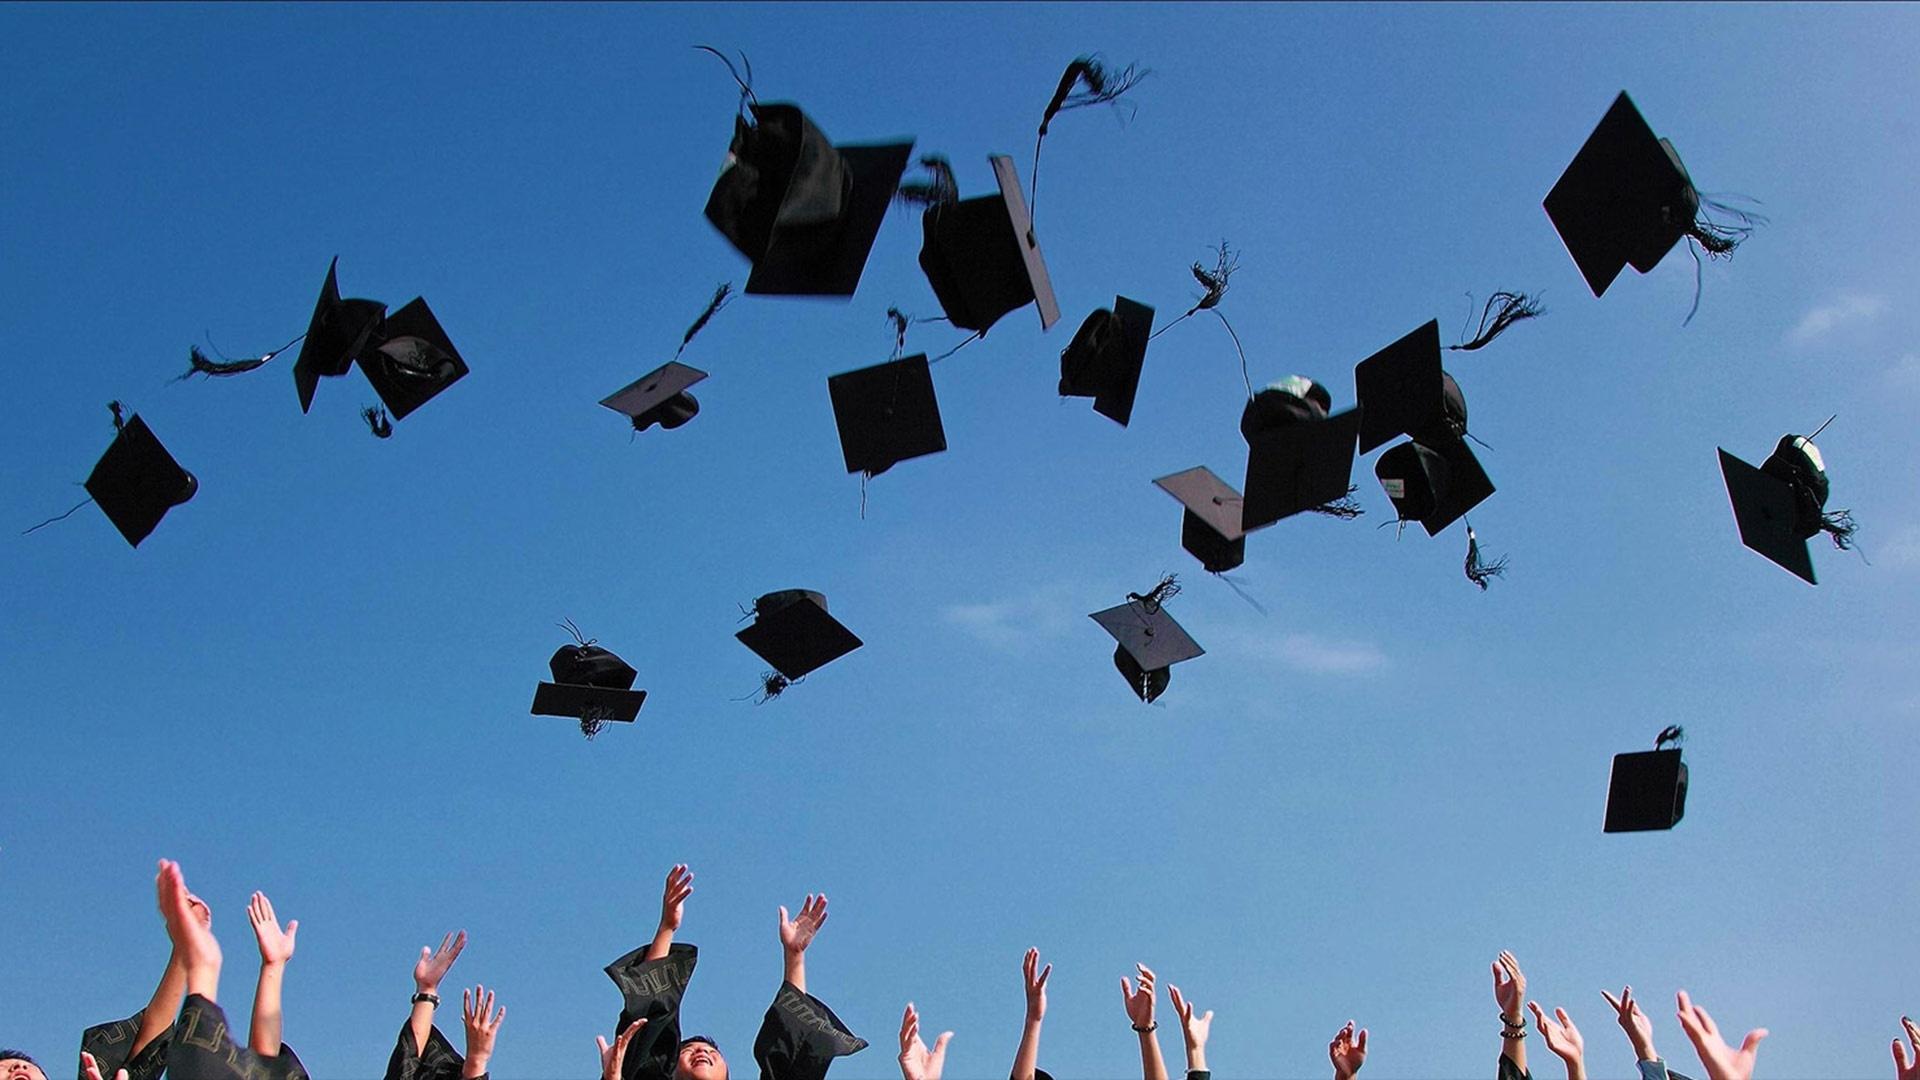 Graduation HD Wallpaper